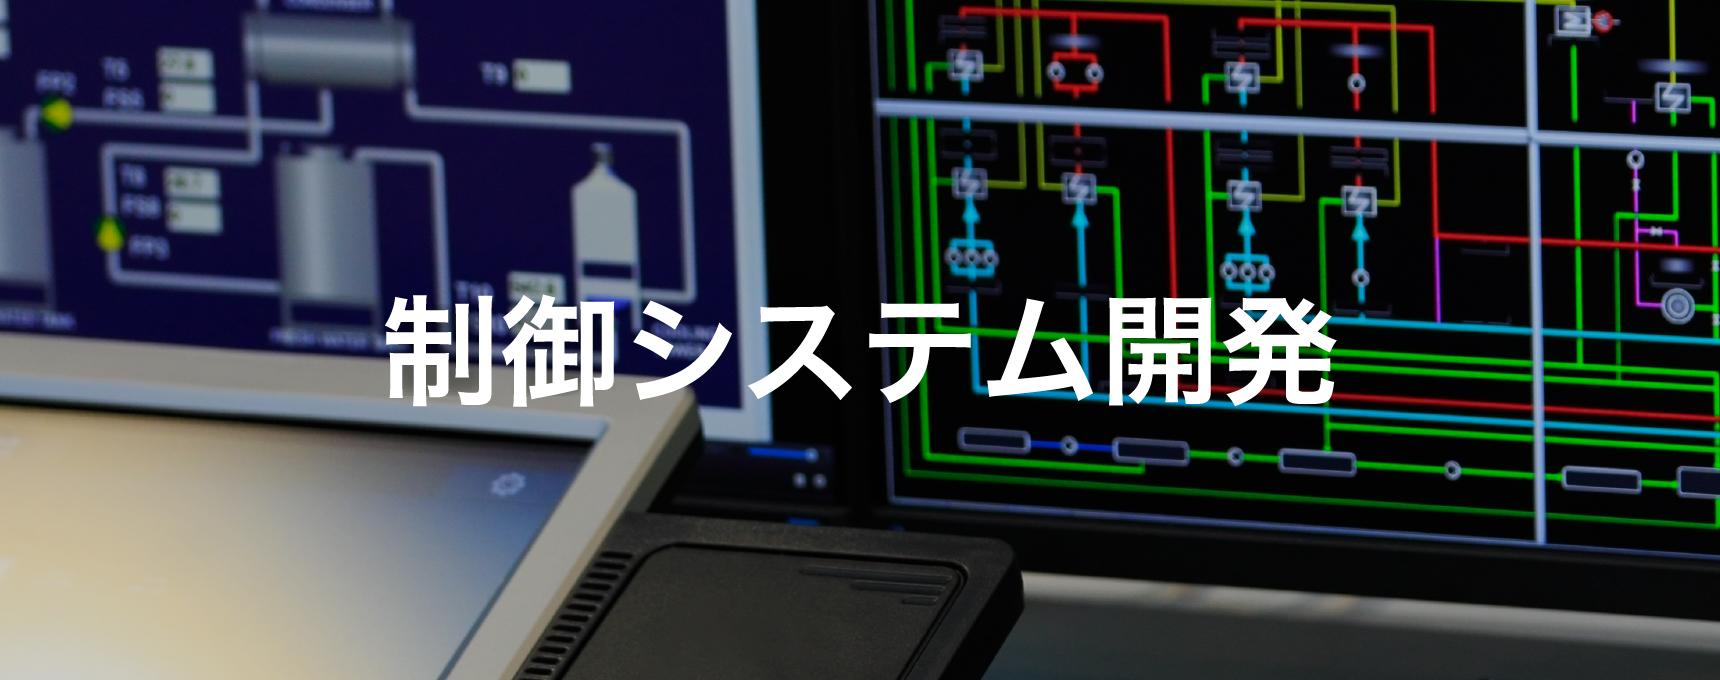 制御システム開発